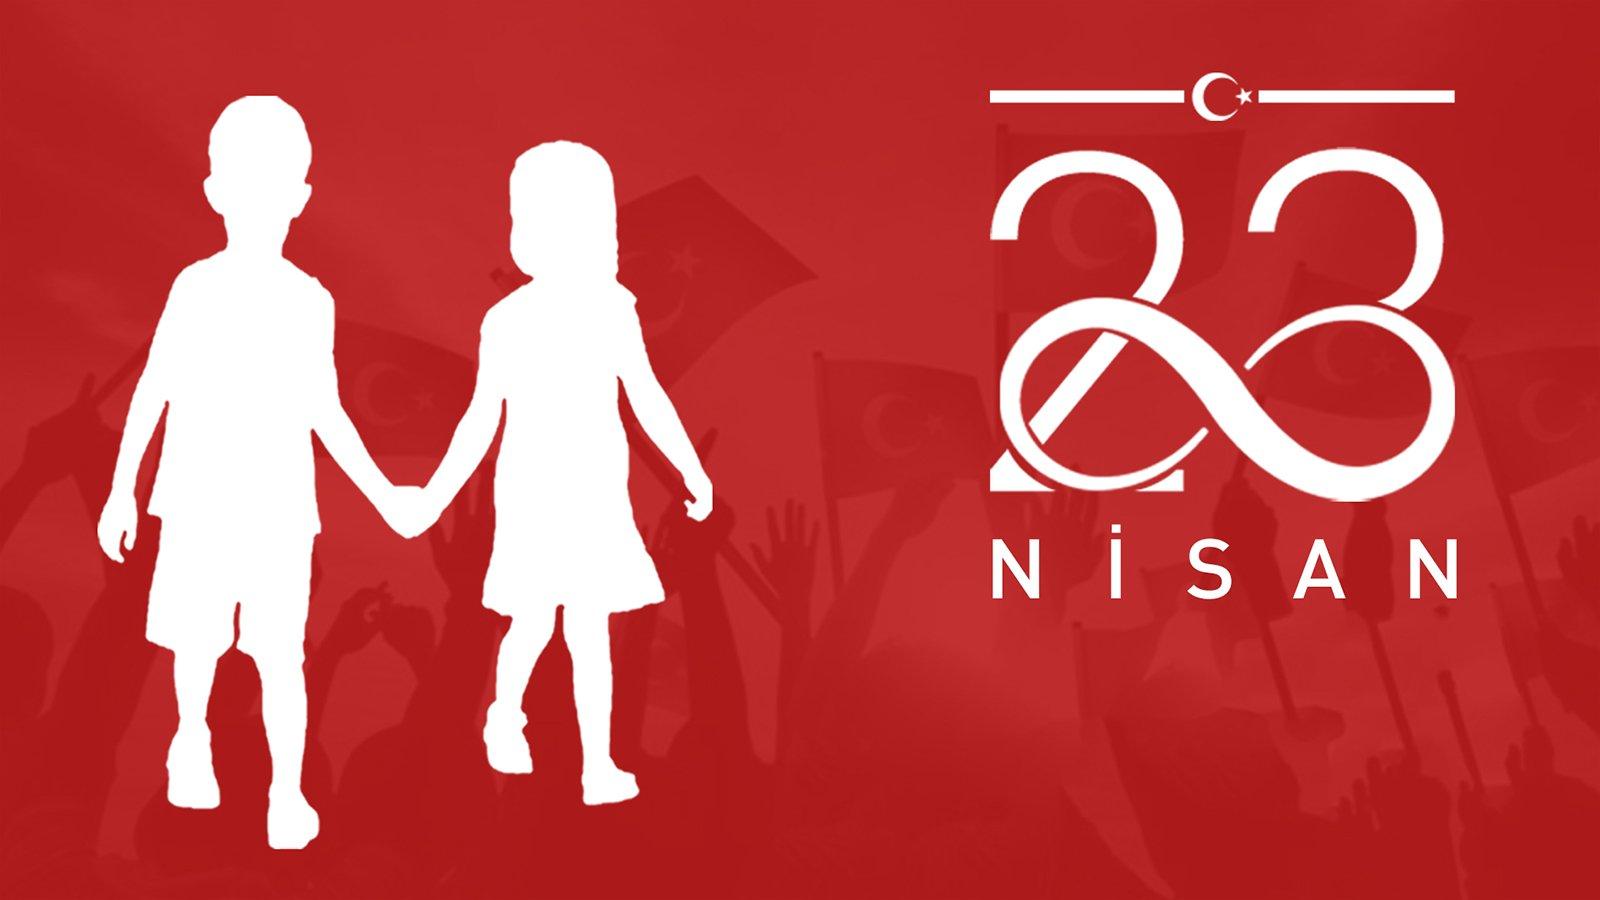 23 Nisan Ulusal Egemenlik ve Çocuk Bayramı Kutlu Olsun! post thumbnail